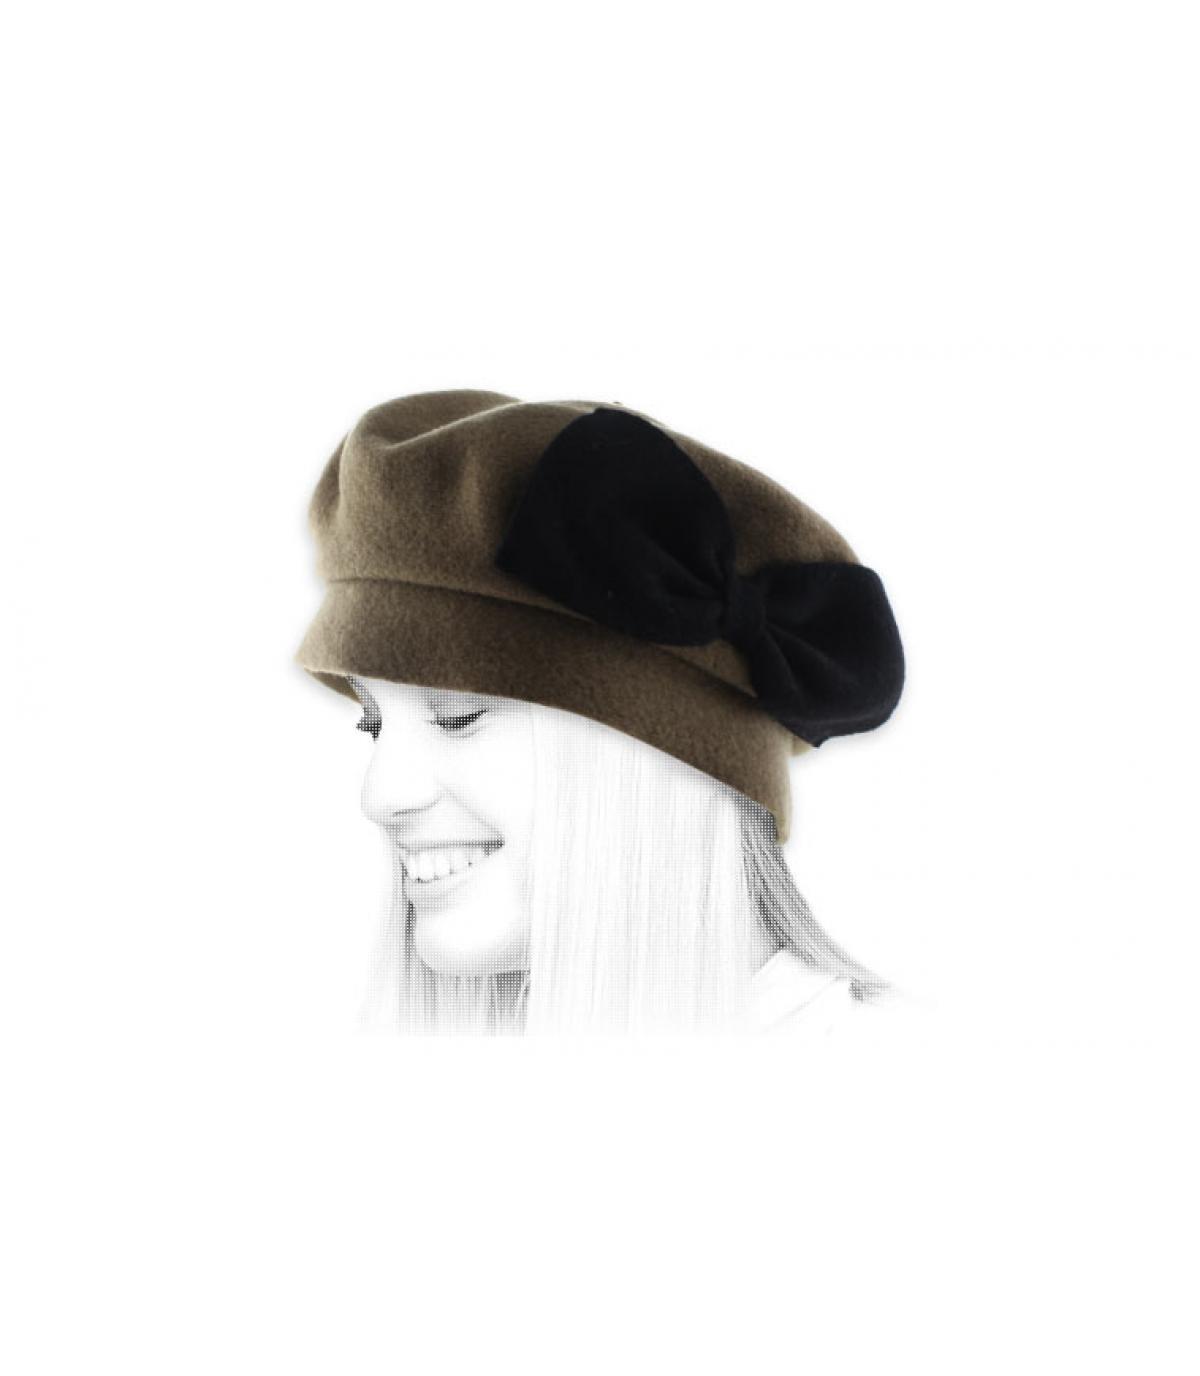 fiocco nero berretto beige